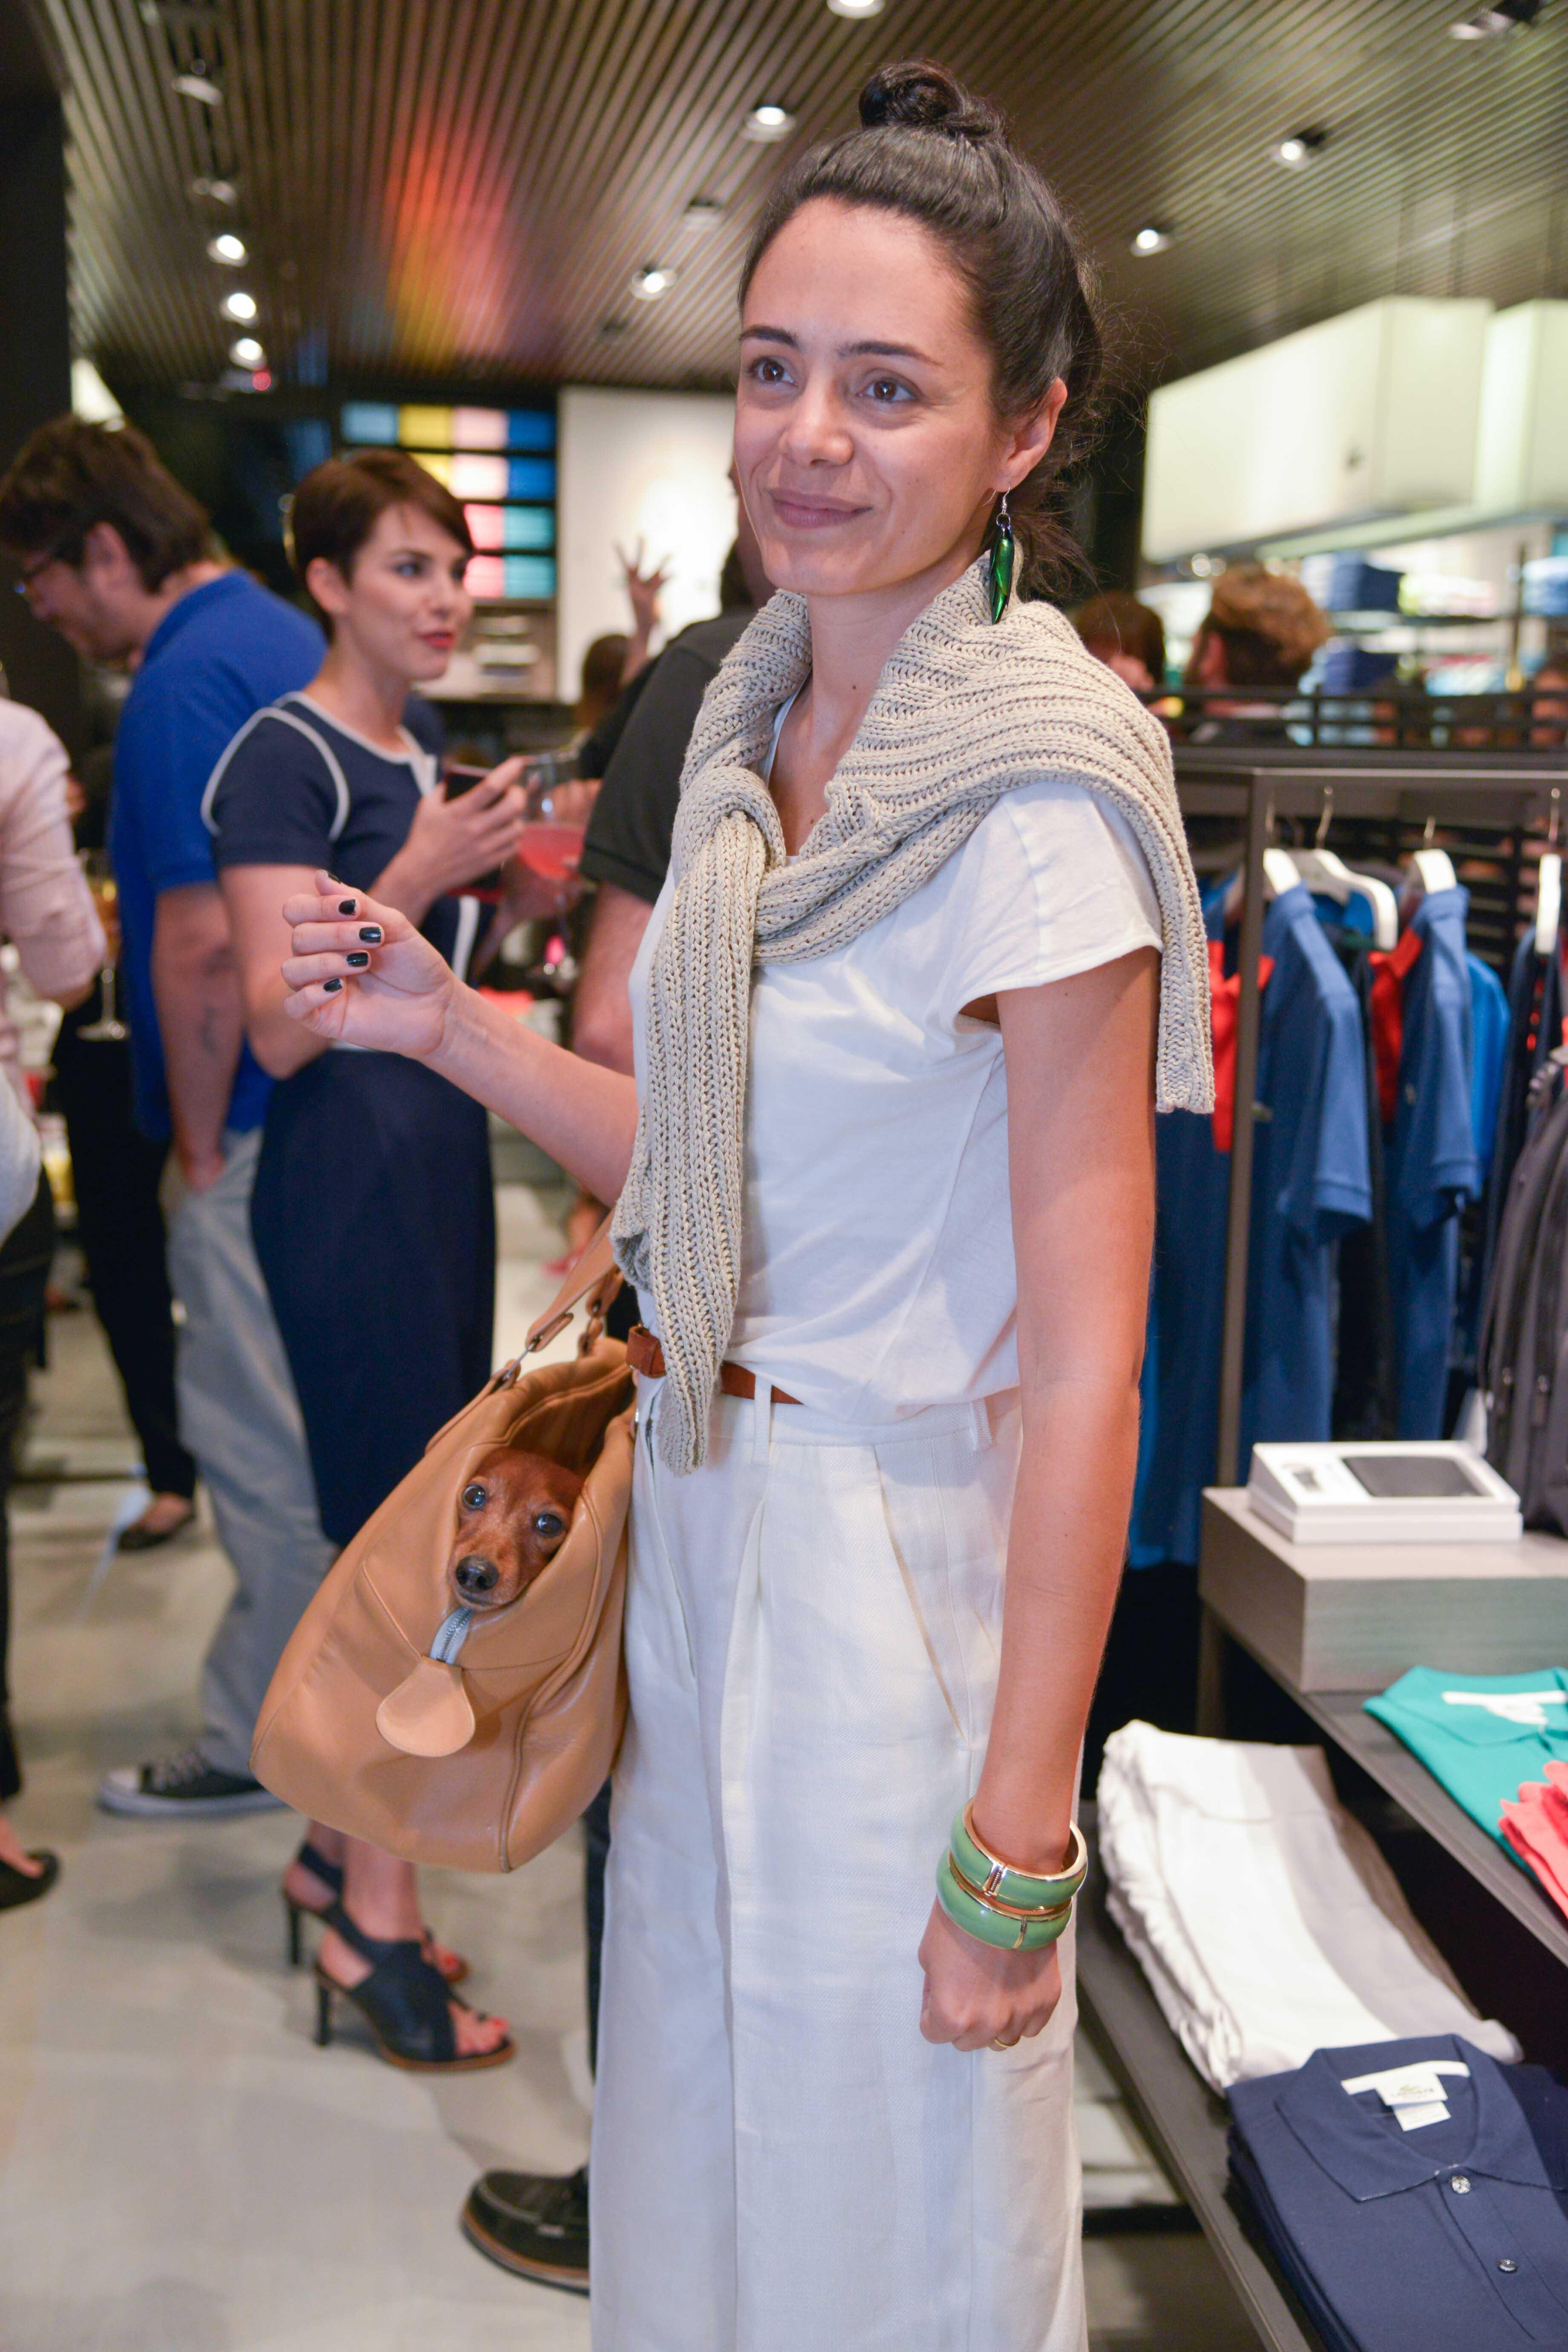 Galeria de Fotos Lacoste inaugura primeira loja-conceito no Brasil ... d3967885d6